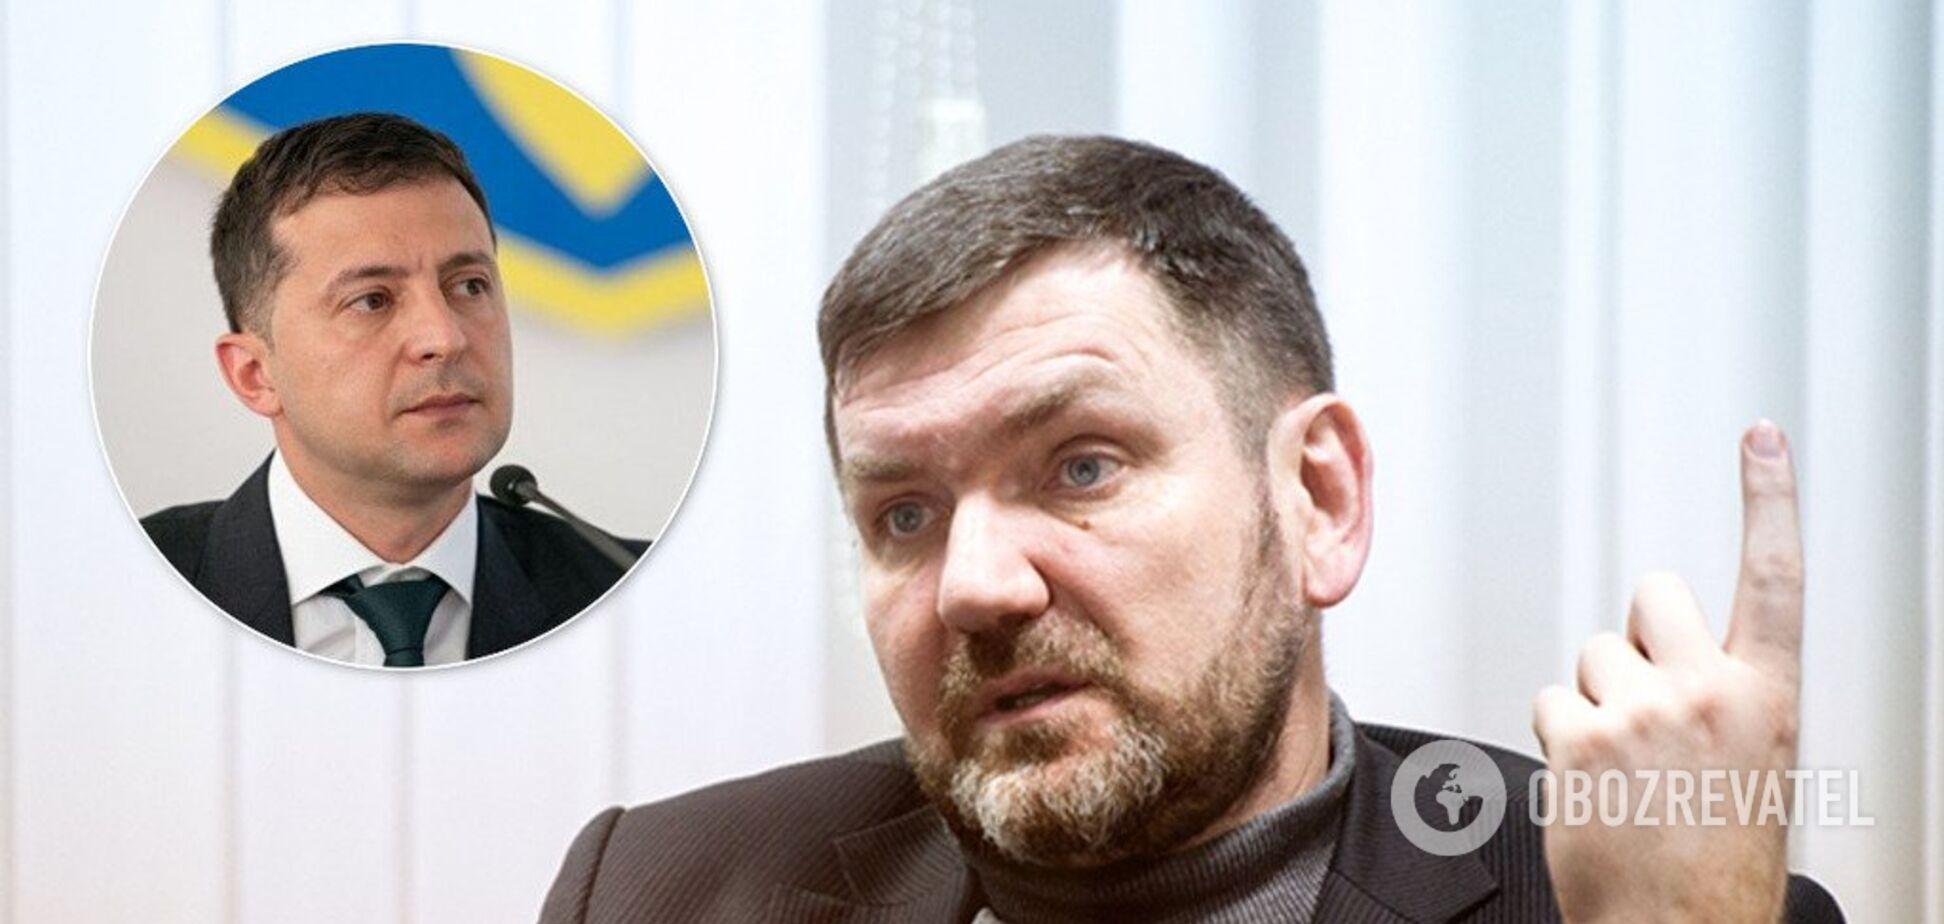 Горбатюк розповів про розмову із Зеленським про справи Майдану